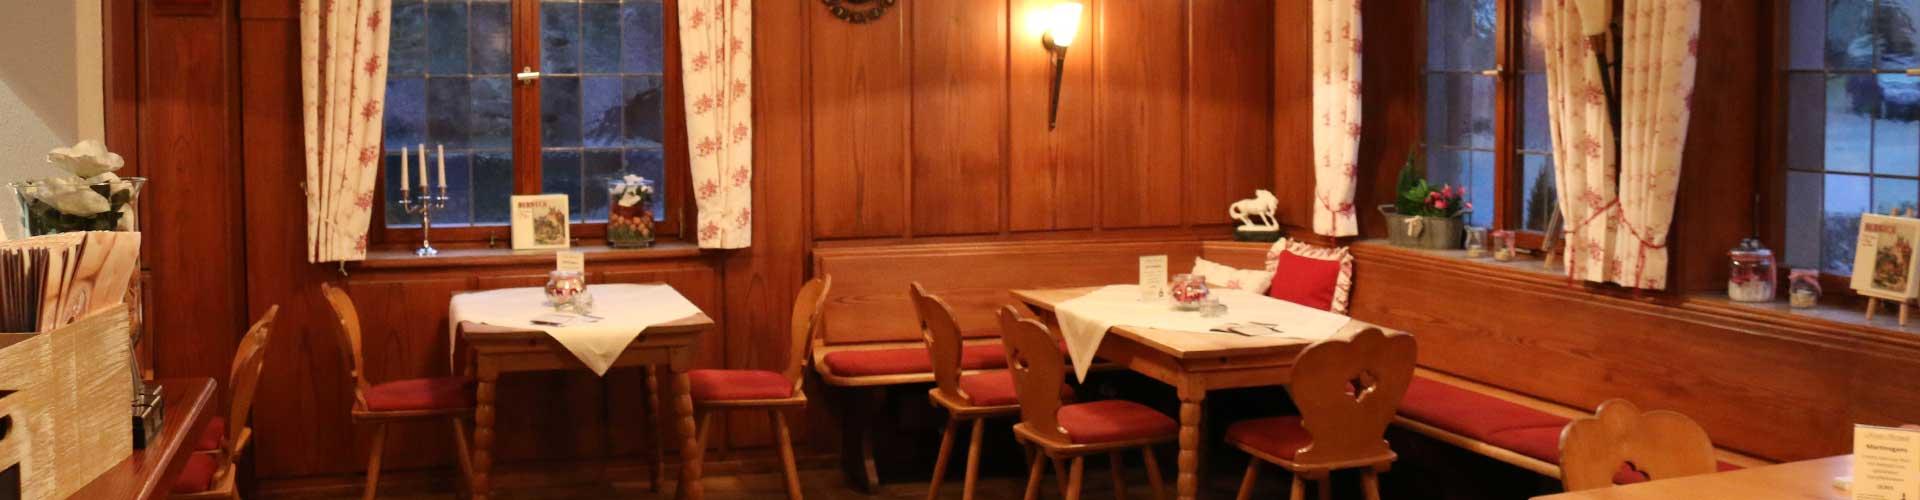 Hotel Rössle Berneck: Unser gemütliches Restaurant